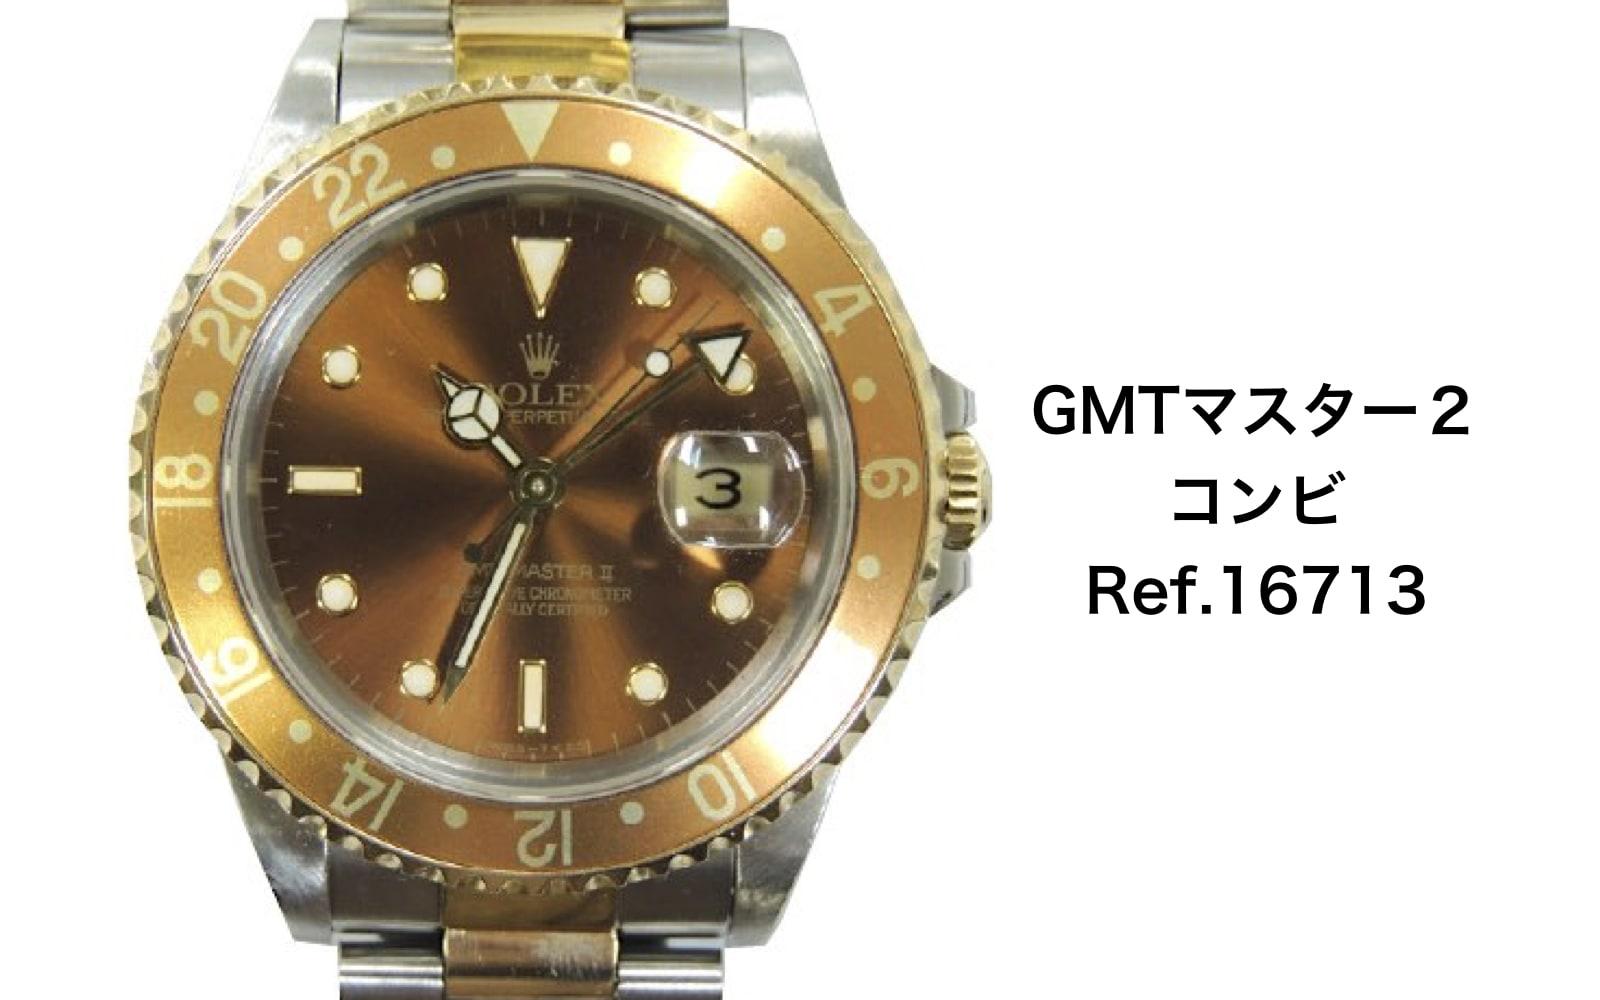 ロレックス買取GMTマスター2コンビ16713